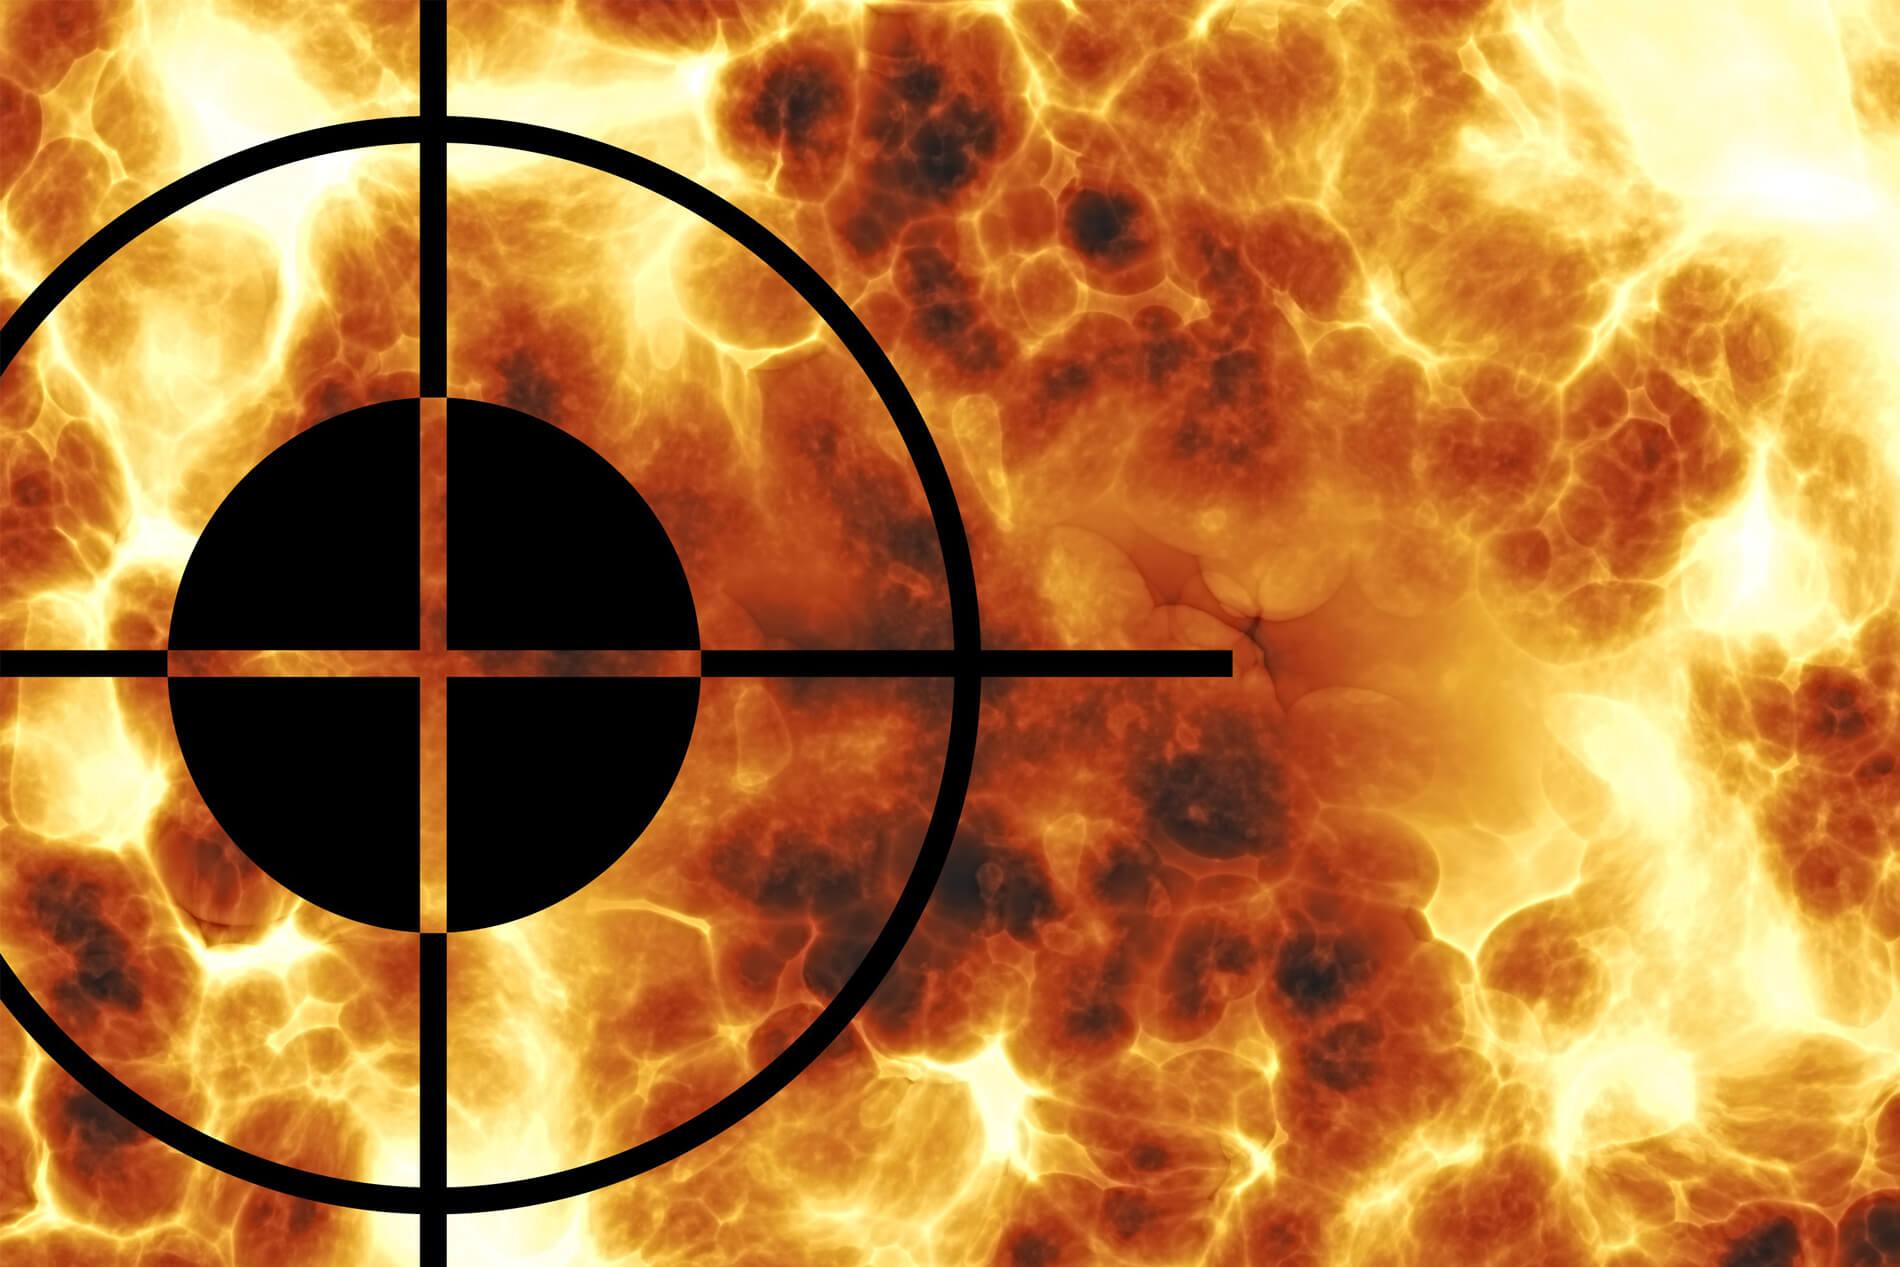 Muslims target of terror